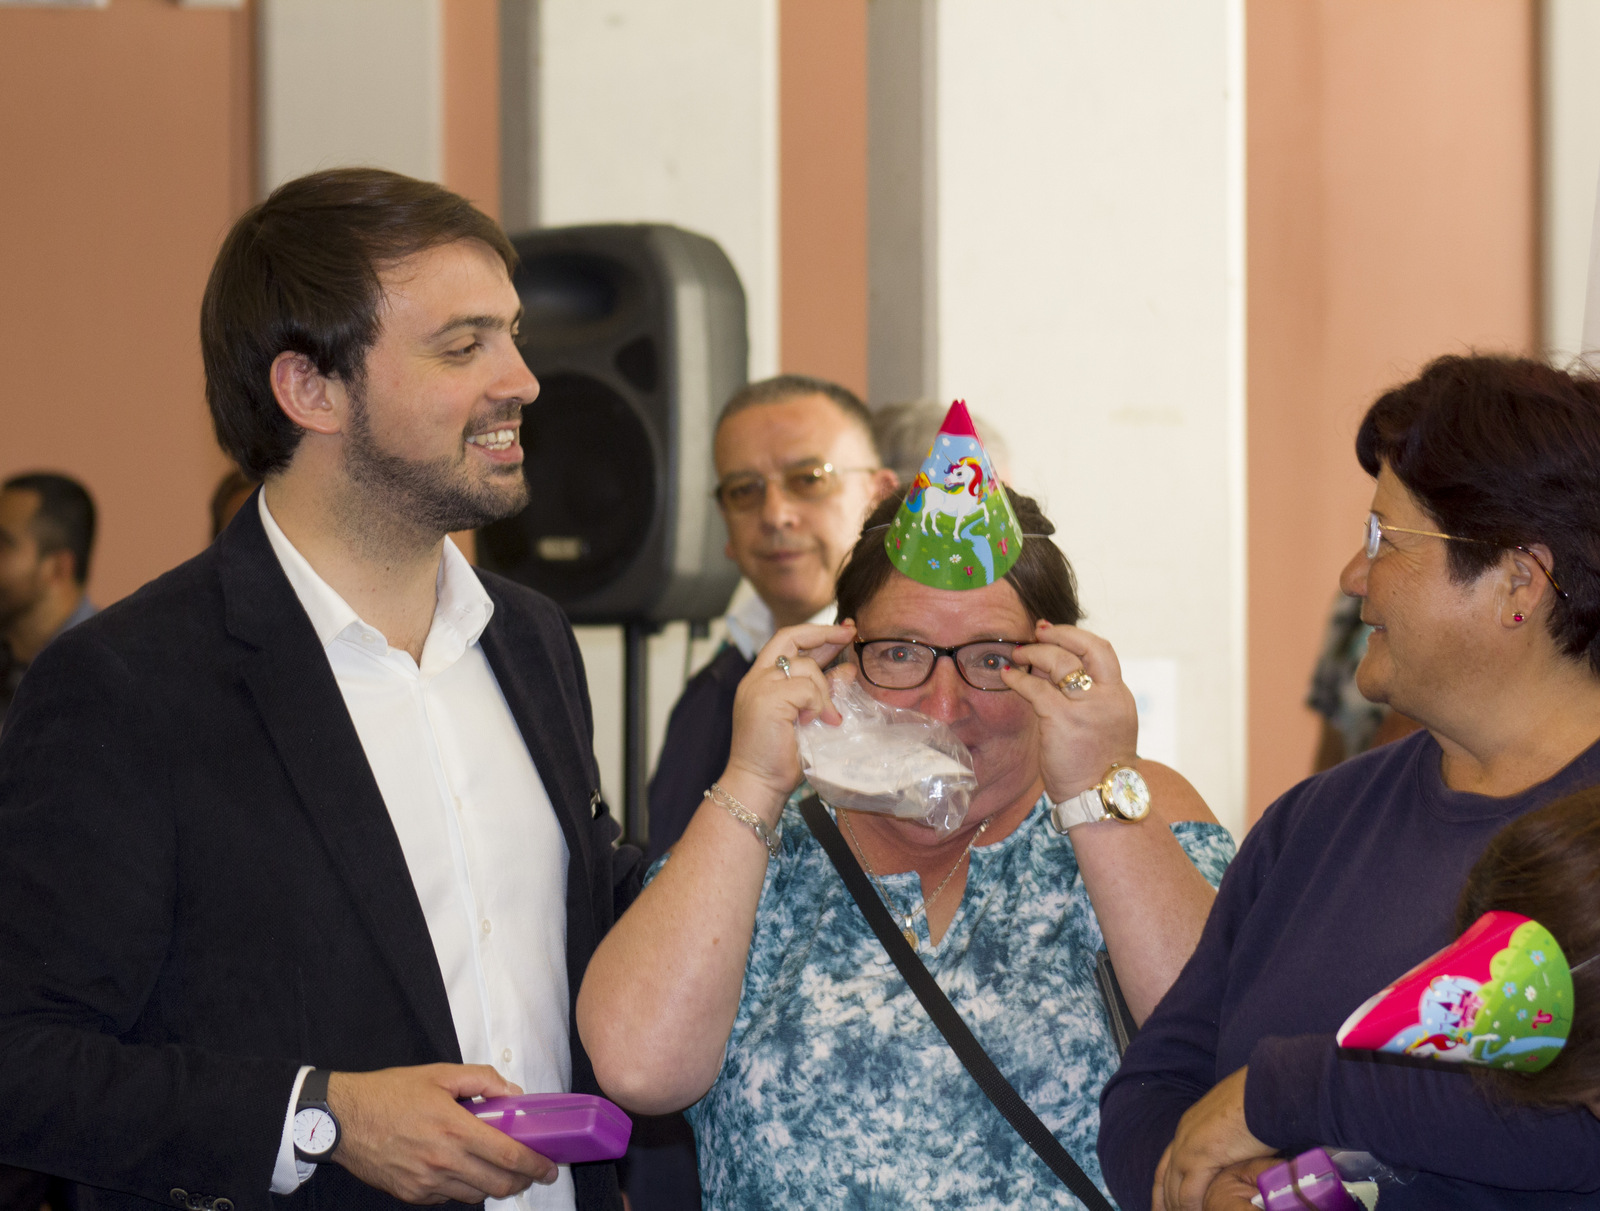 Óptica Popular de Valparaíso entregó más de 27 mil lentes en su primer año de funcionamiento